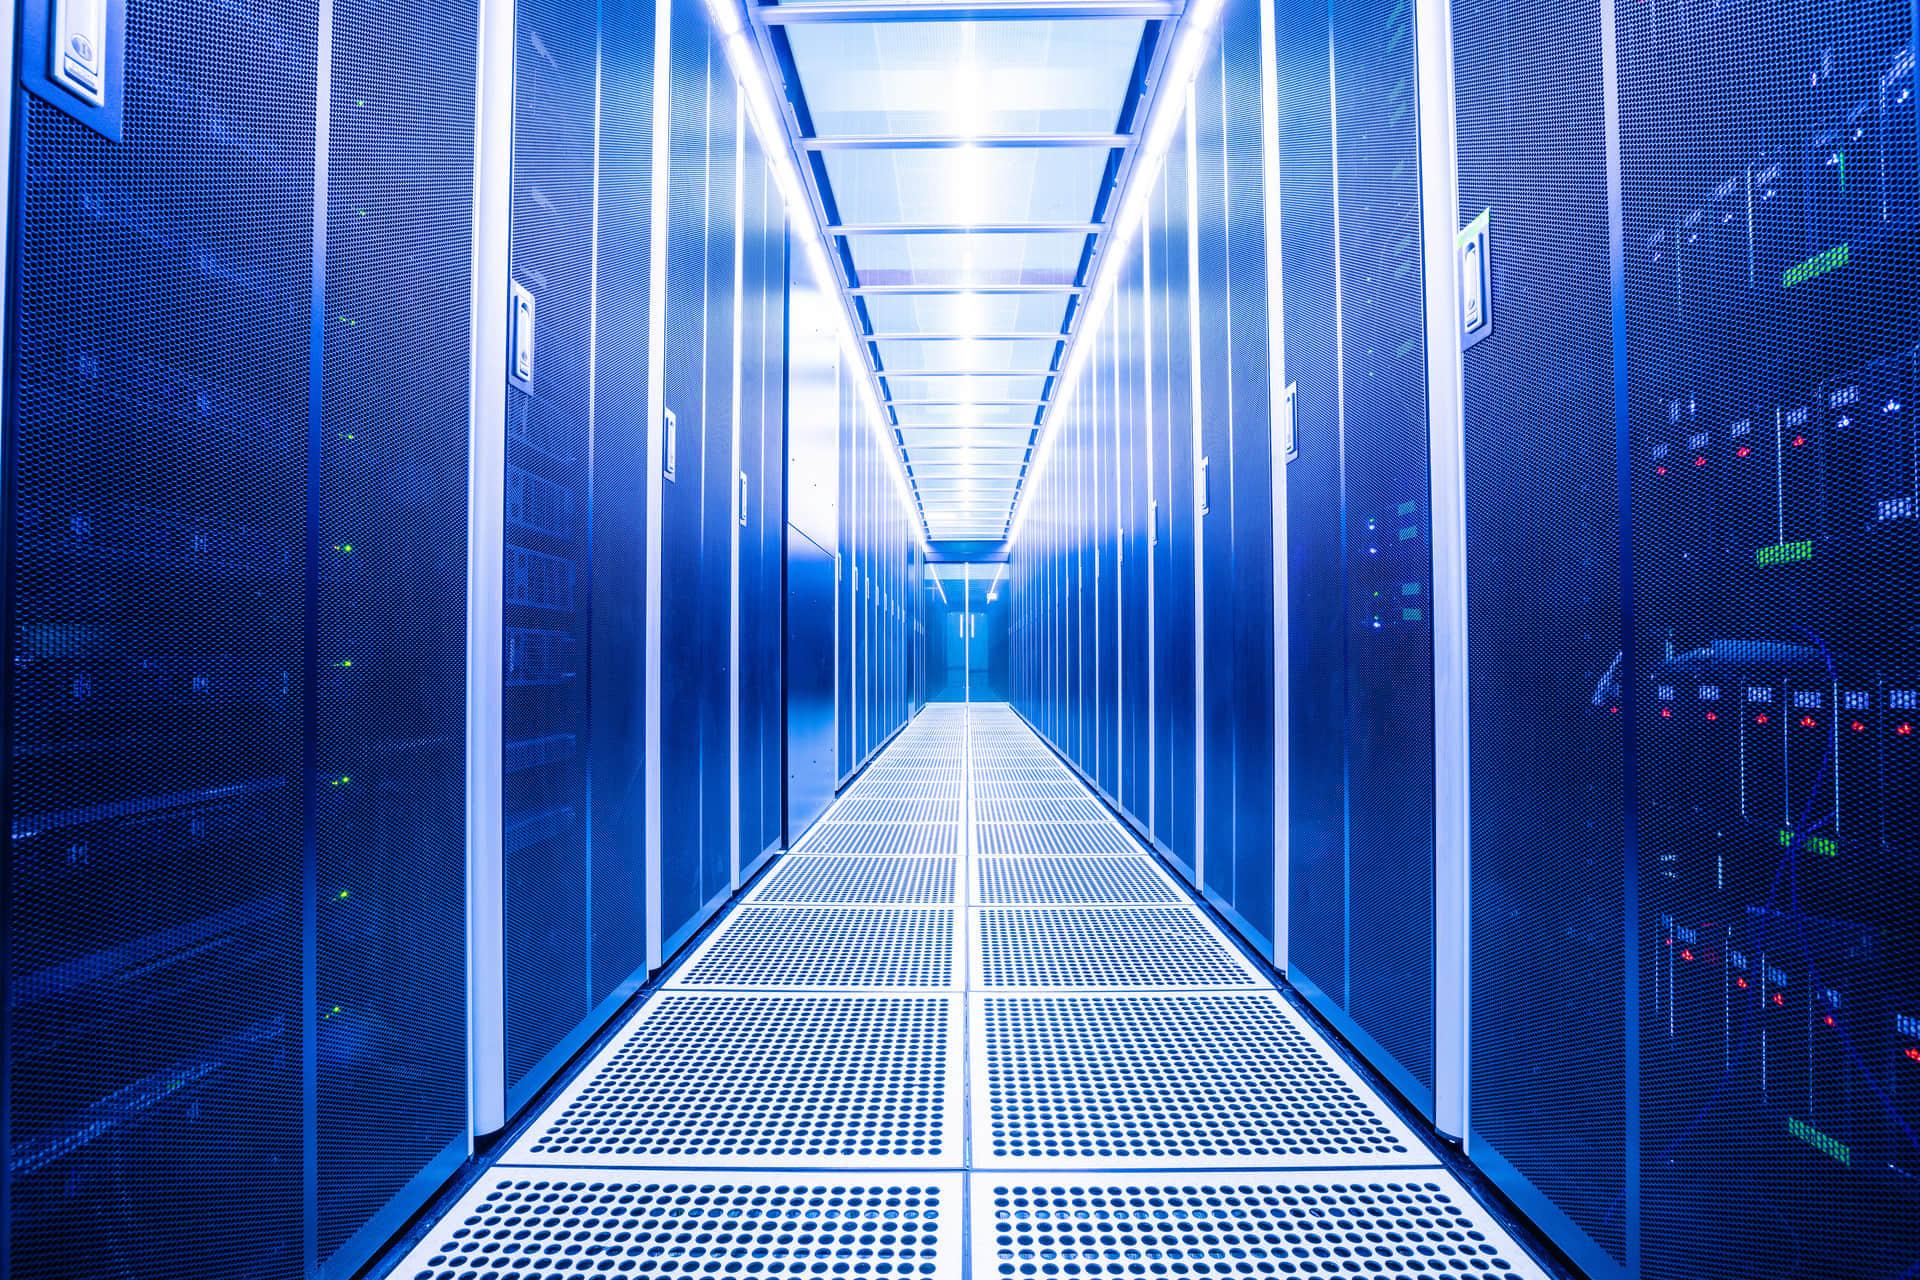 销售与服务一体化降本提效解决方案 ——数据技术领域CRM应用实践分享